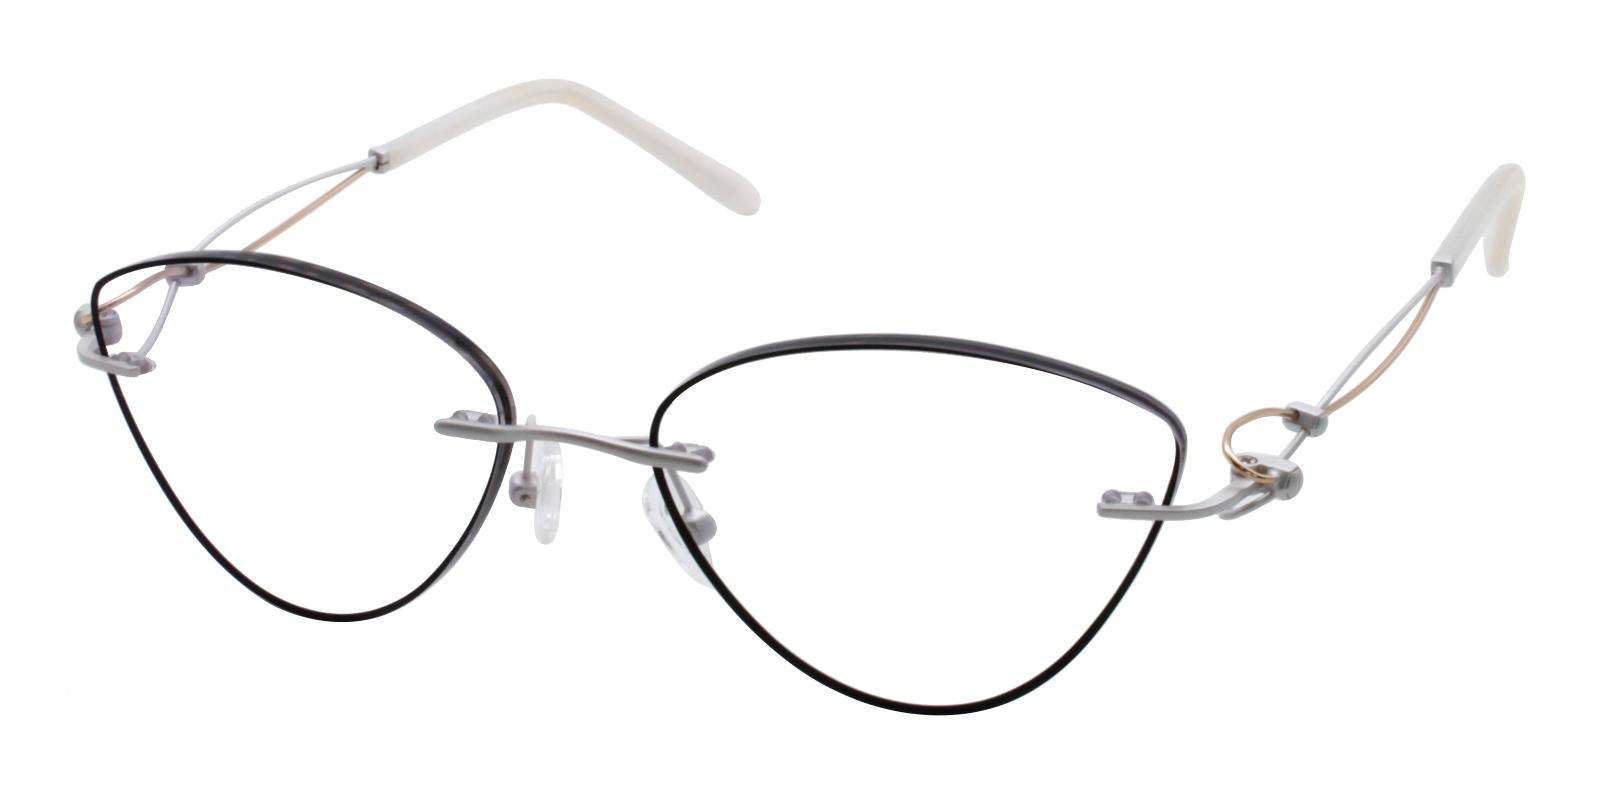 Kaylee Black Titanium NosePads , Eyeglasses Frames from ABBE Glasses